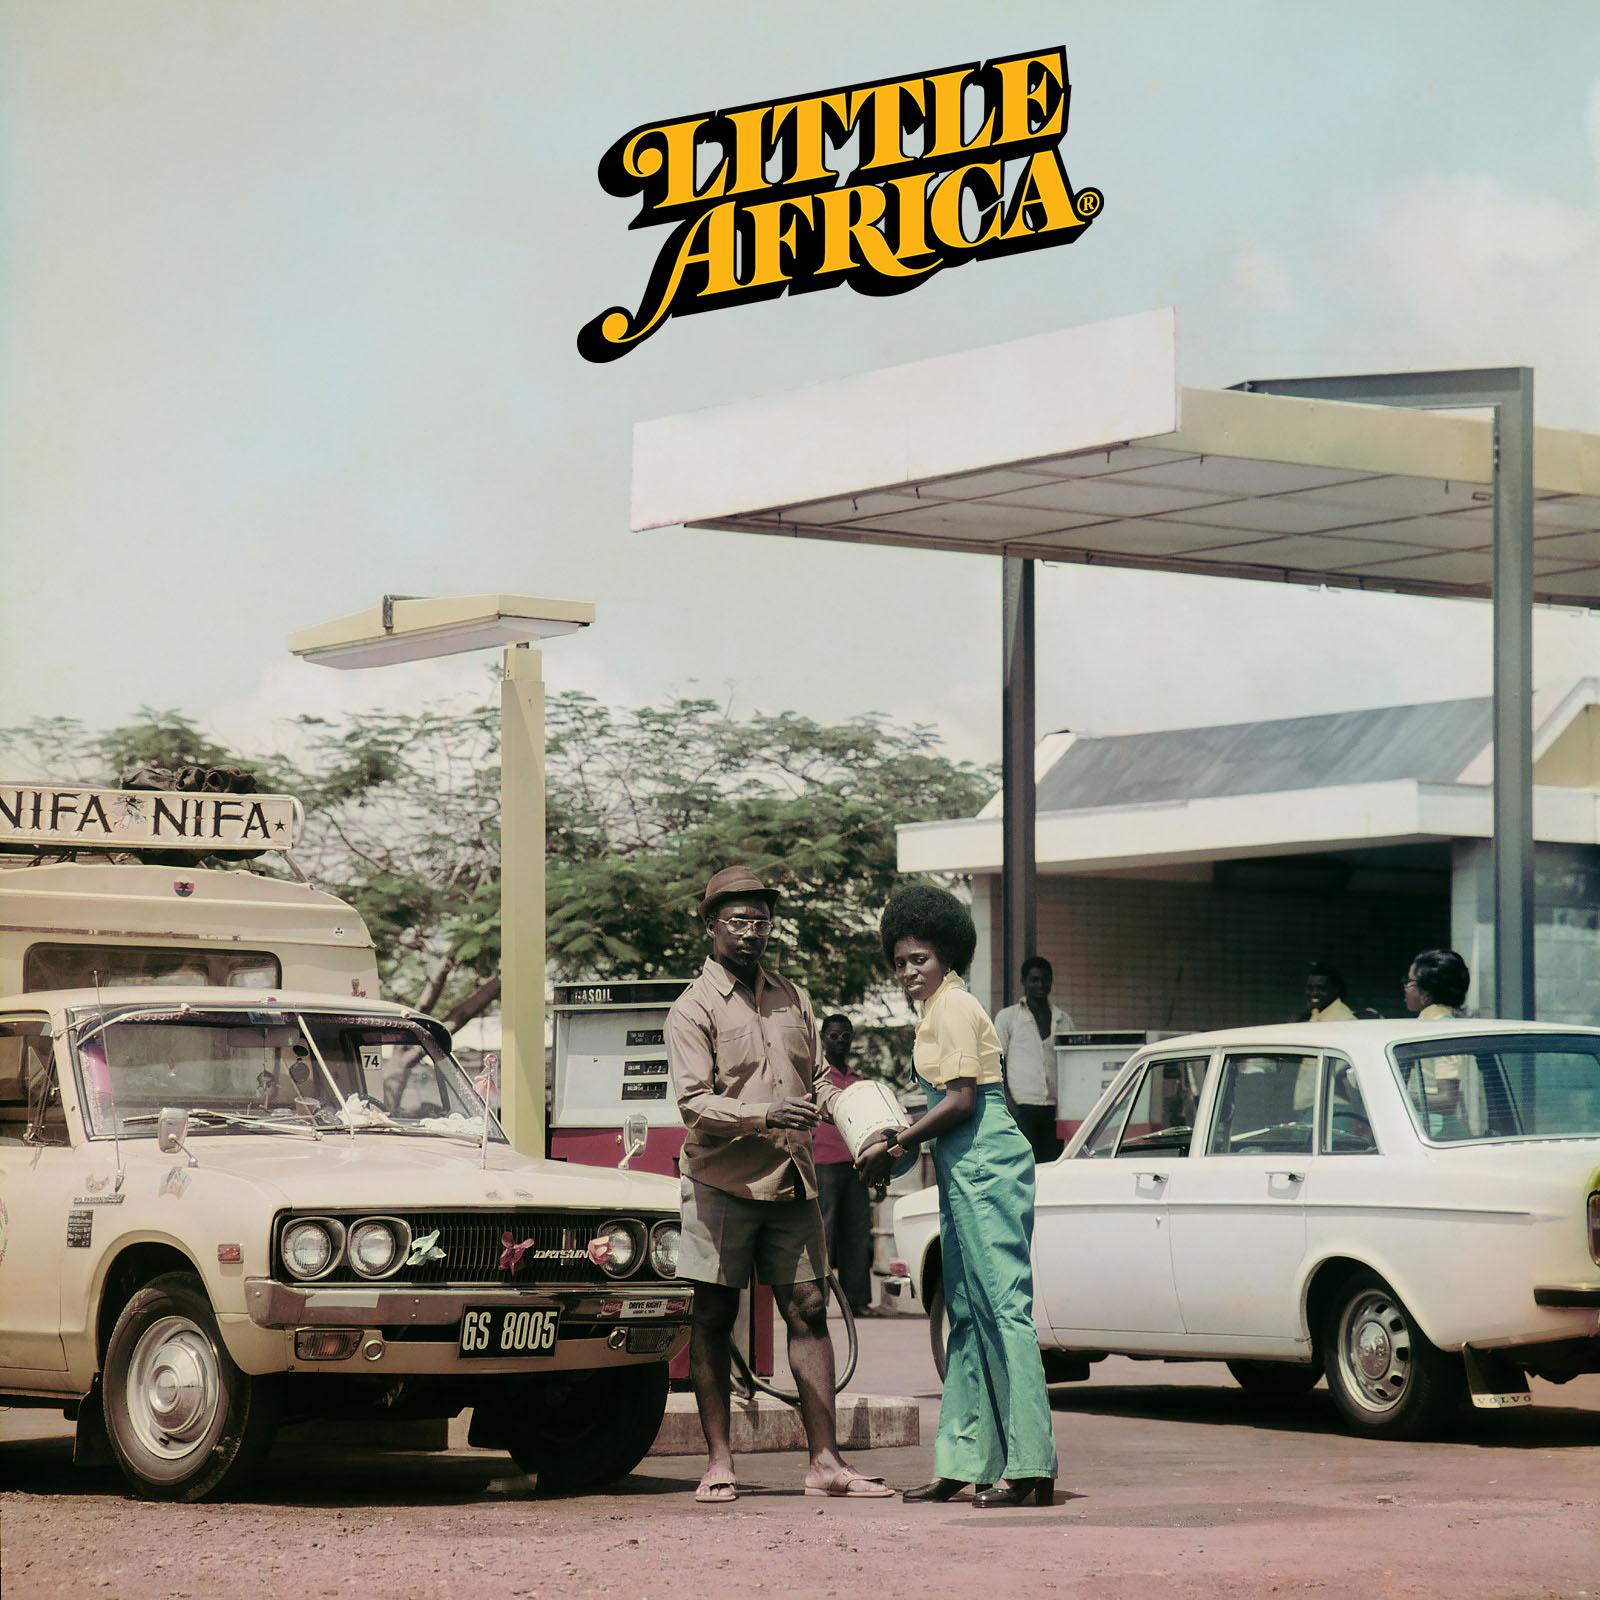 LittleAfrica_JamesBarnor.jpg